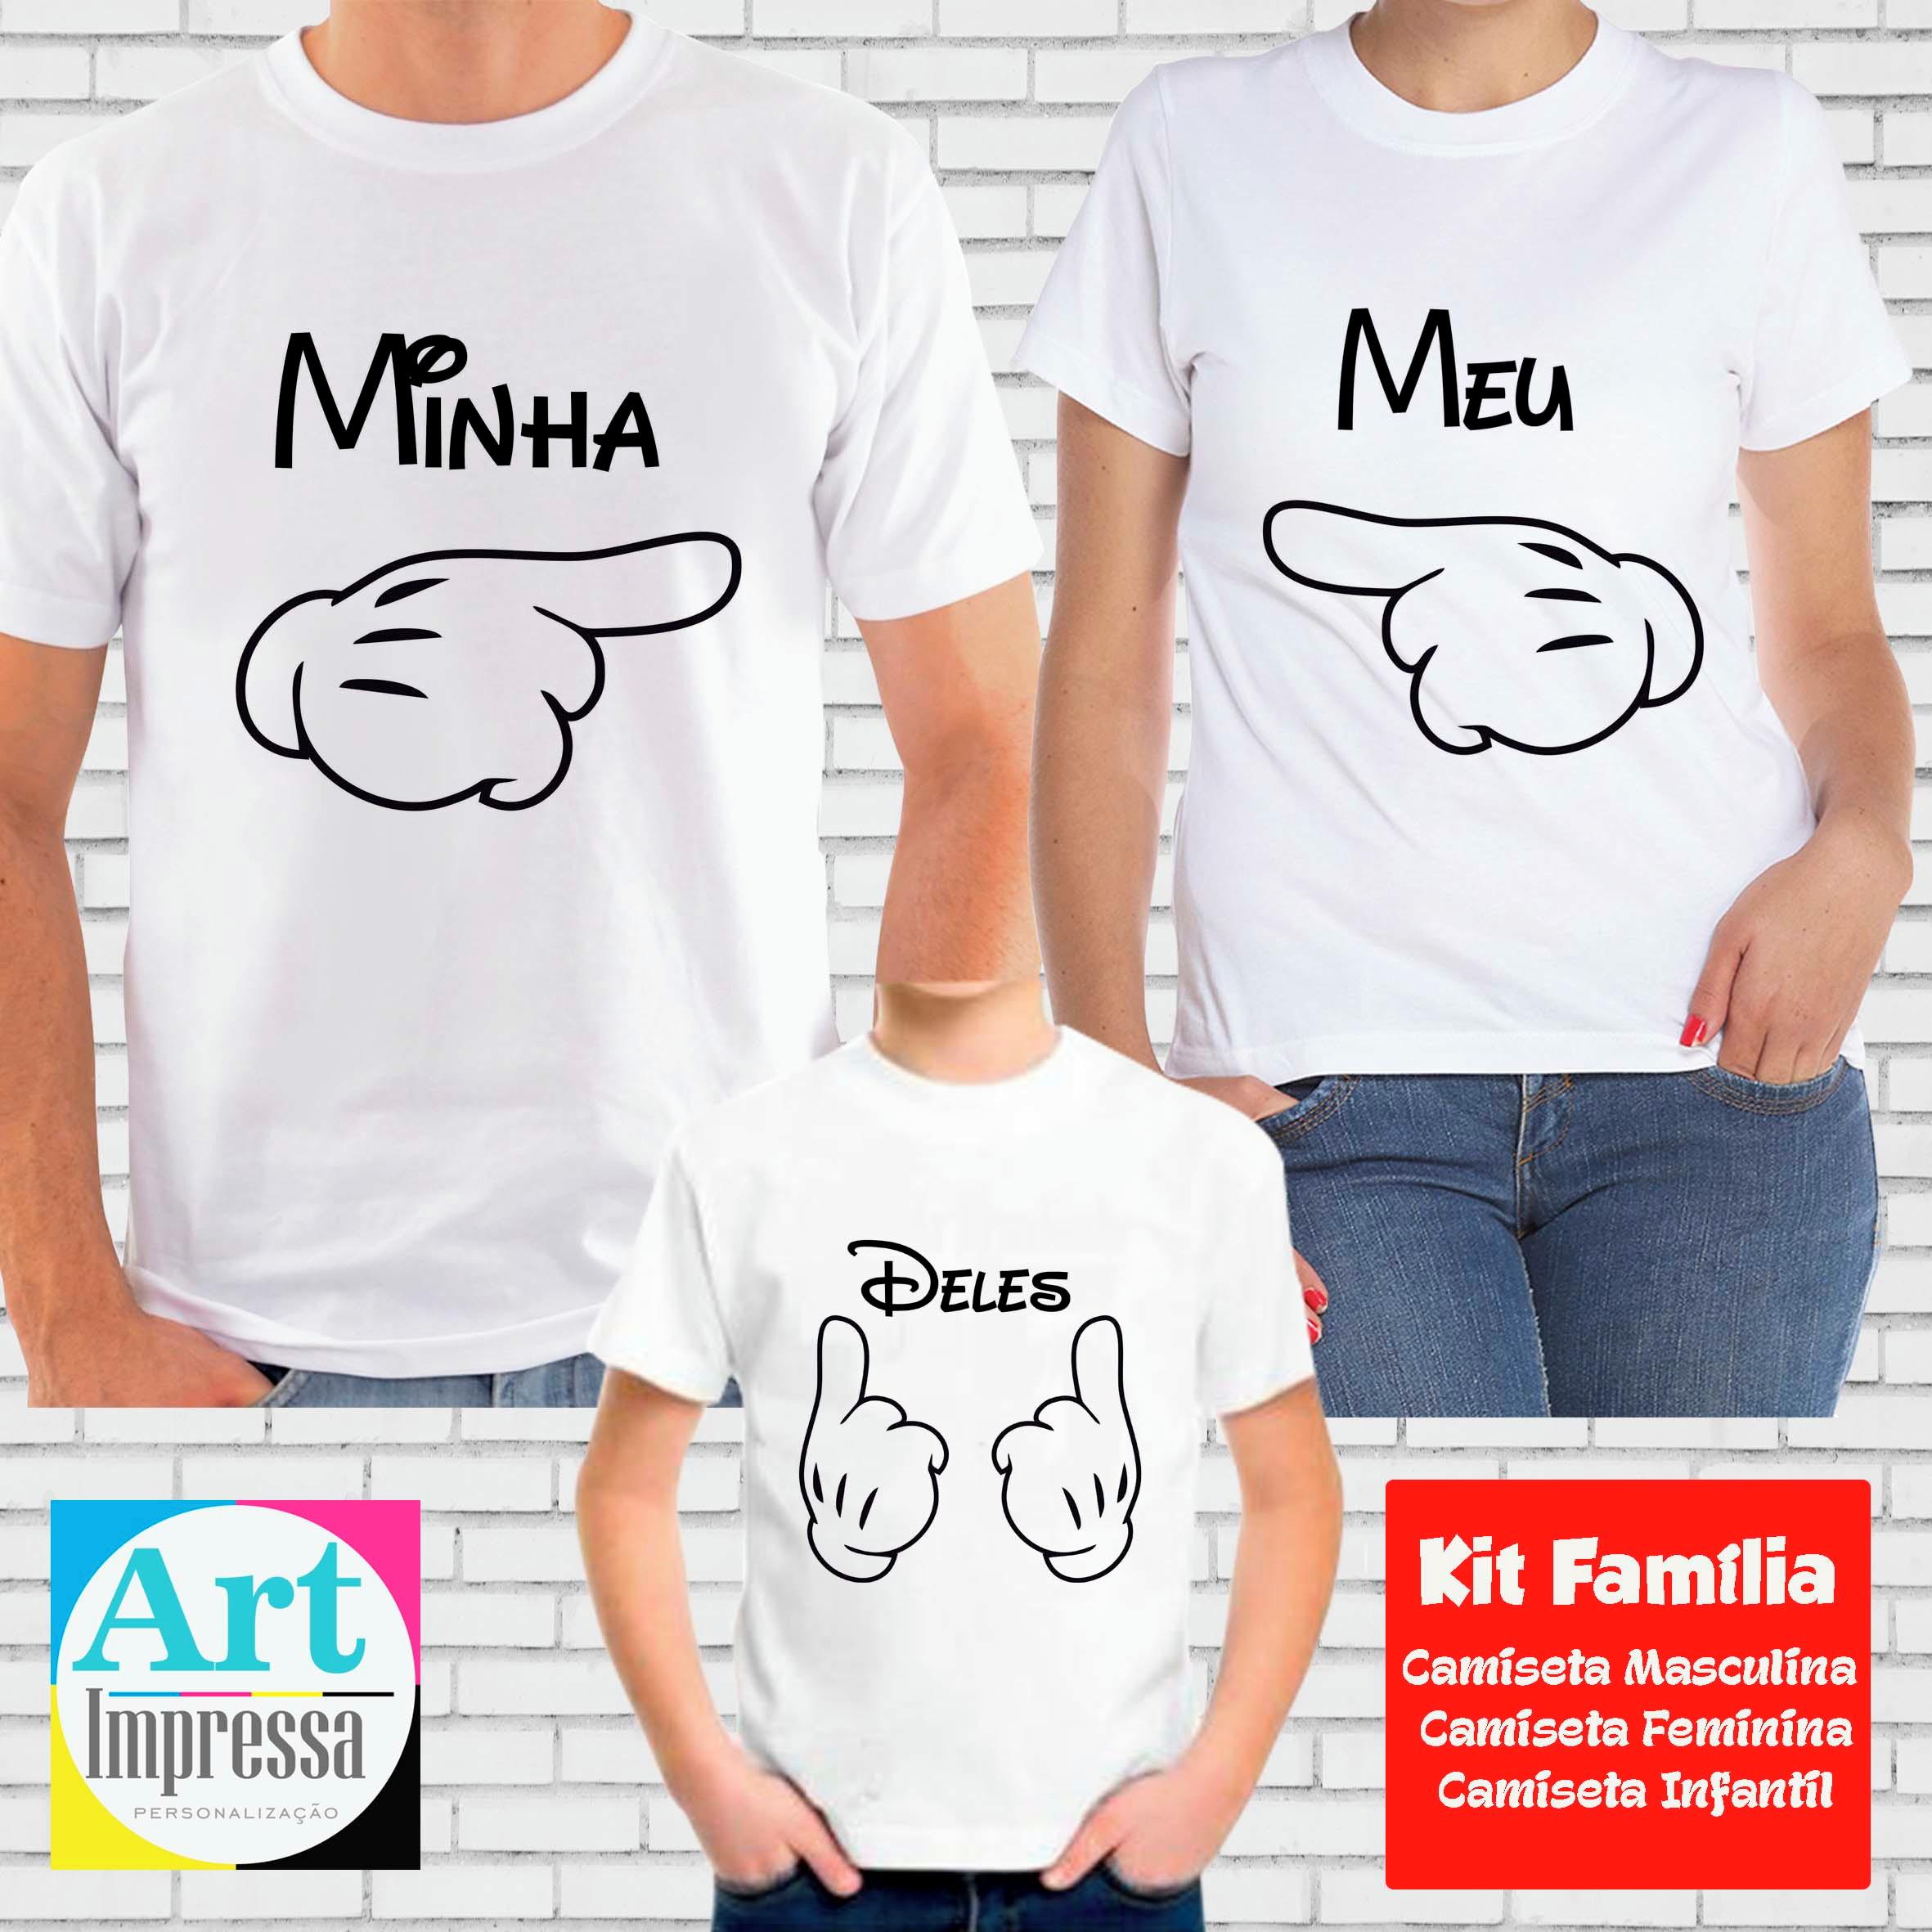 a8a333ea38c2 Kit Camisetas Família Mickey no Elo7   Art Impressa Personalização e  Impressão (C4DA53)